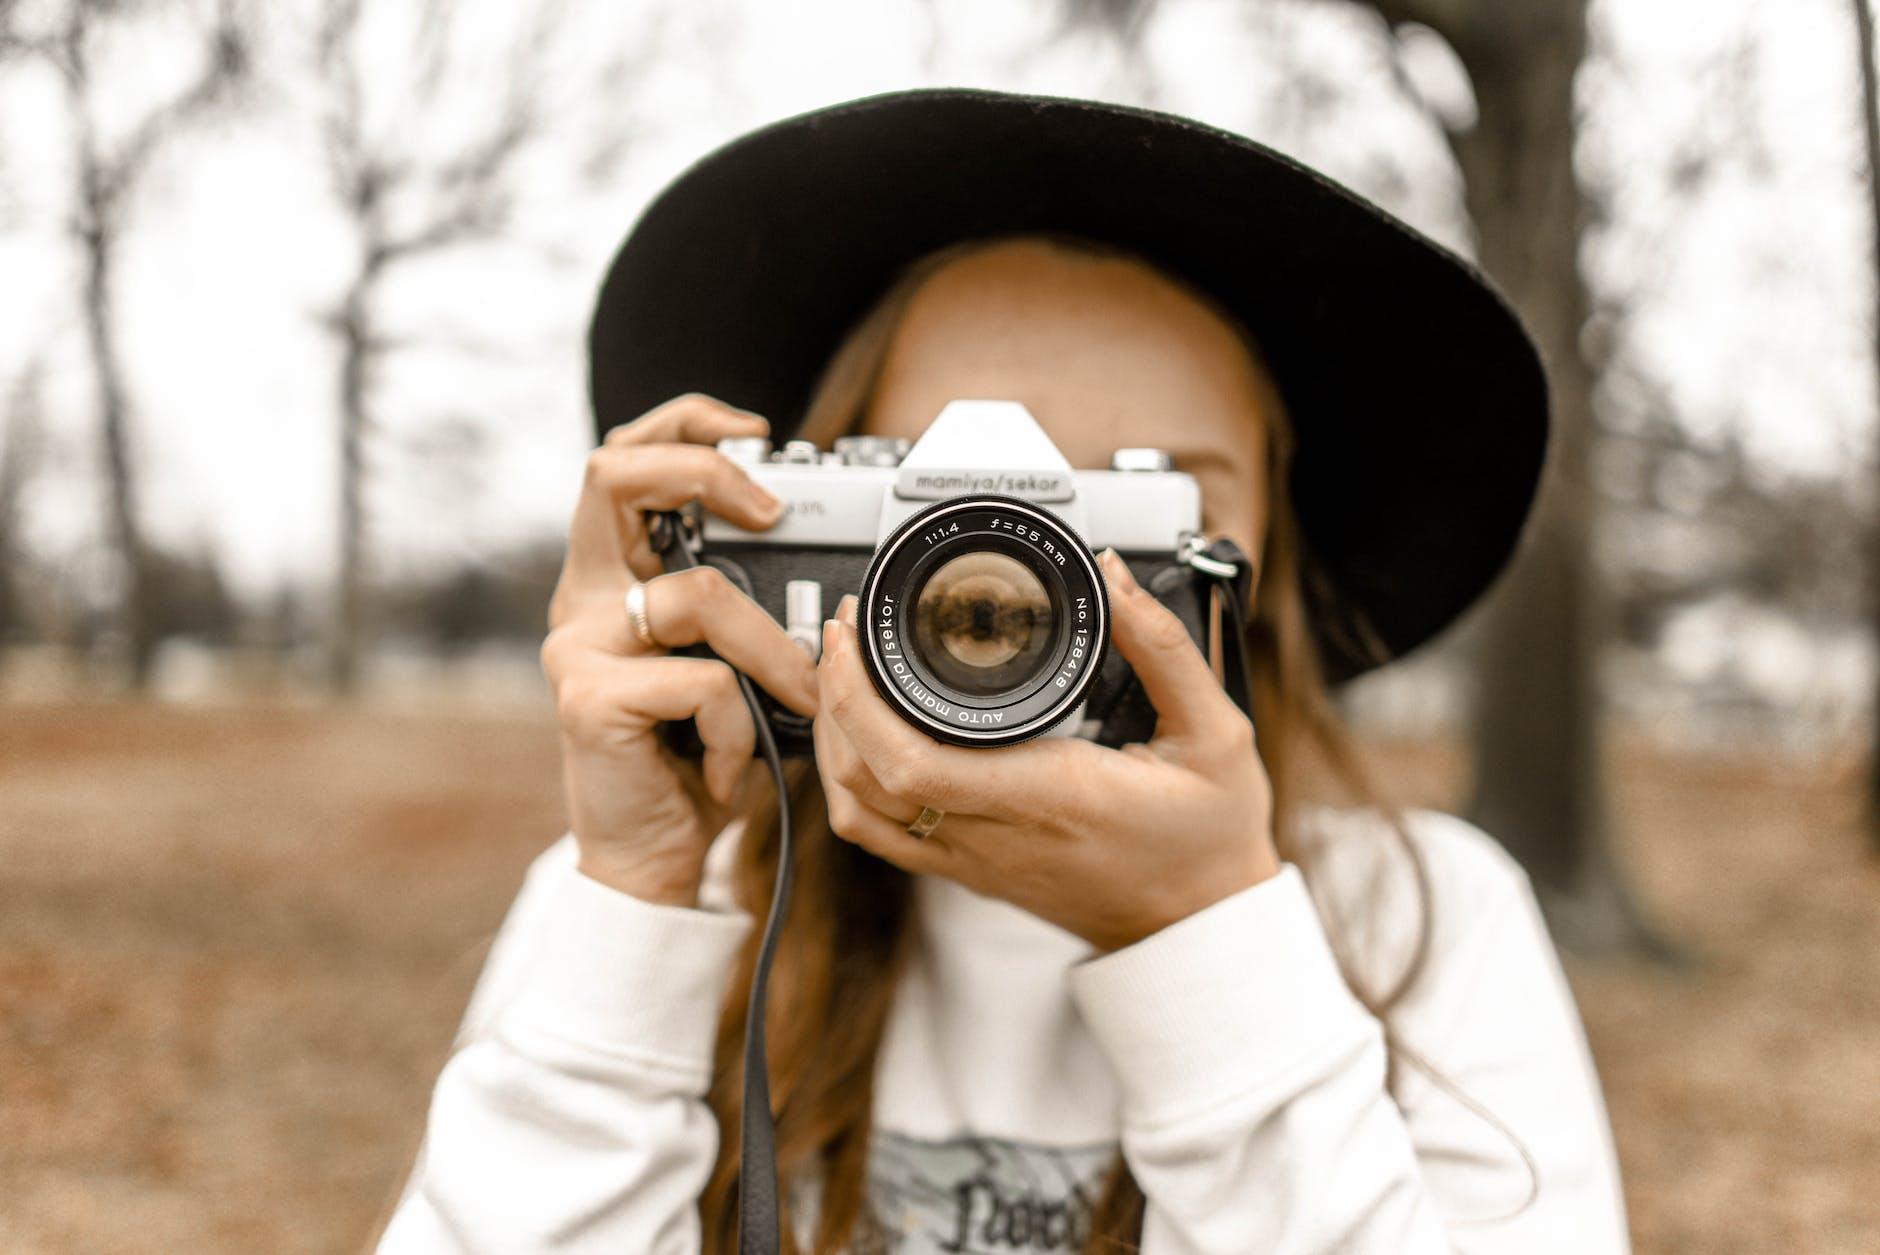 photographe amateur